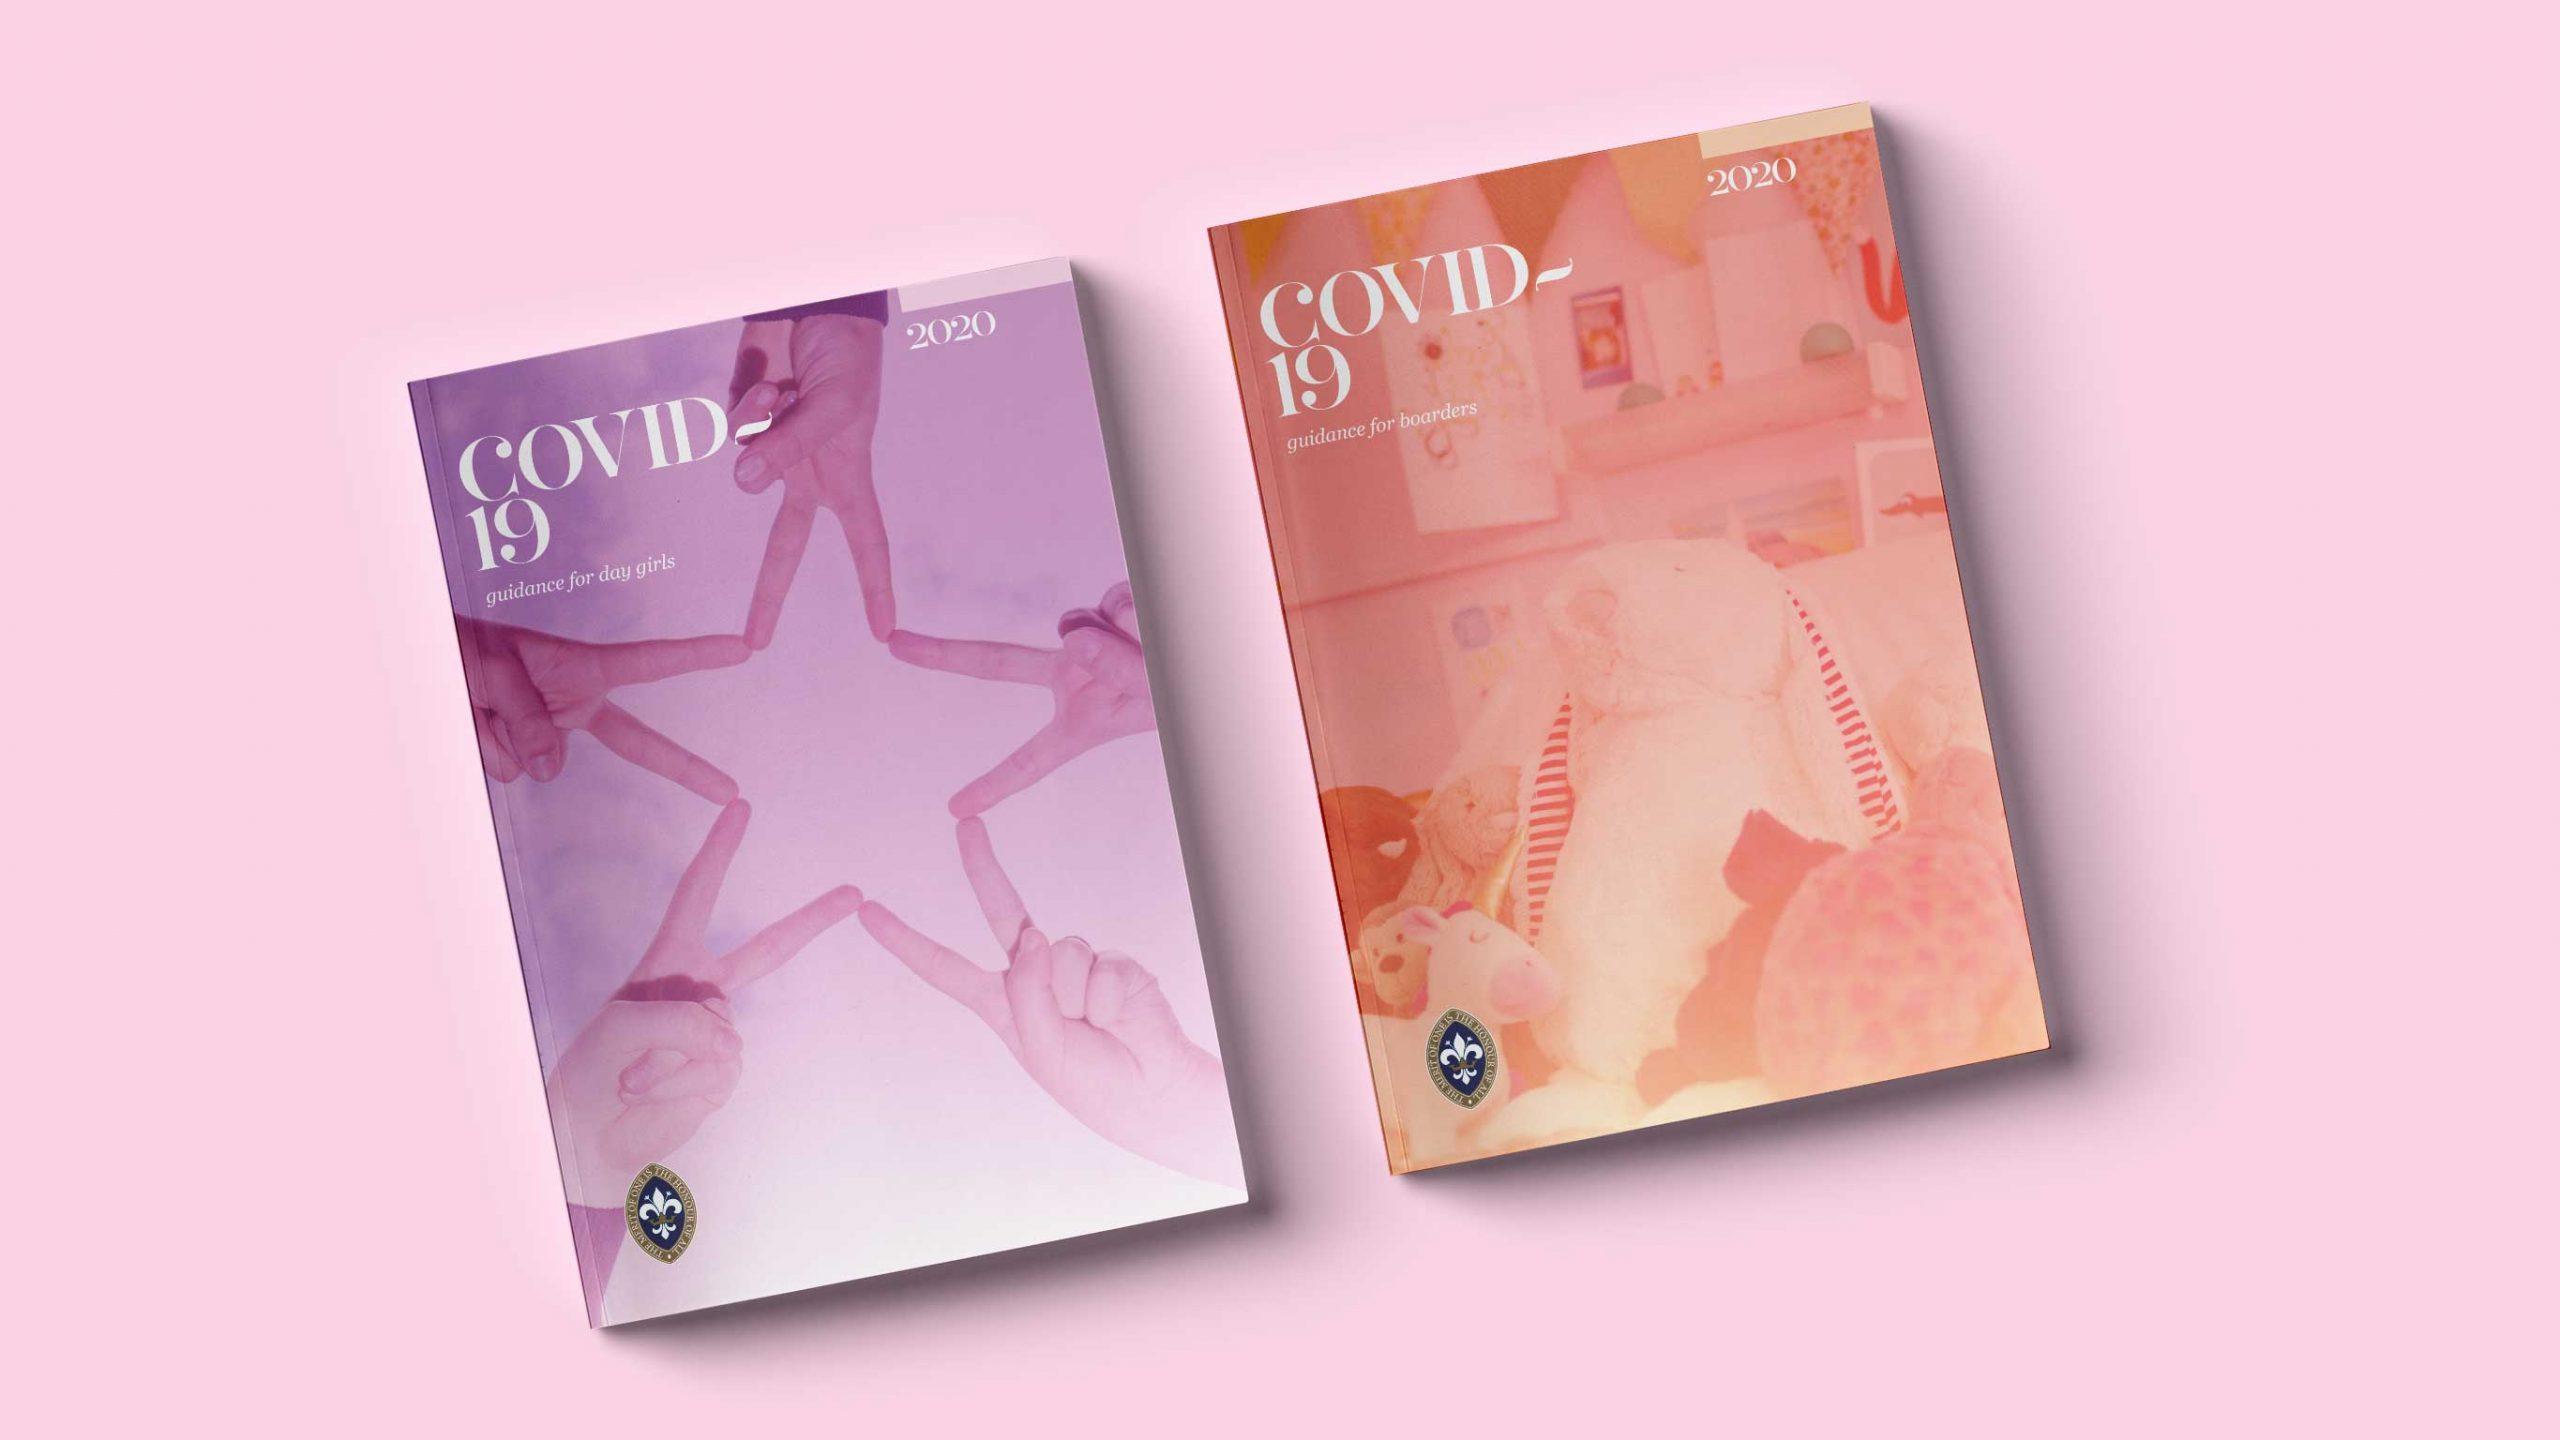 Covid brochure design